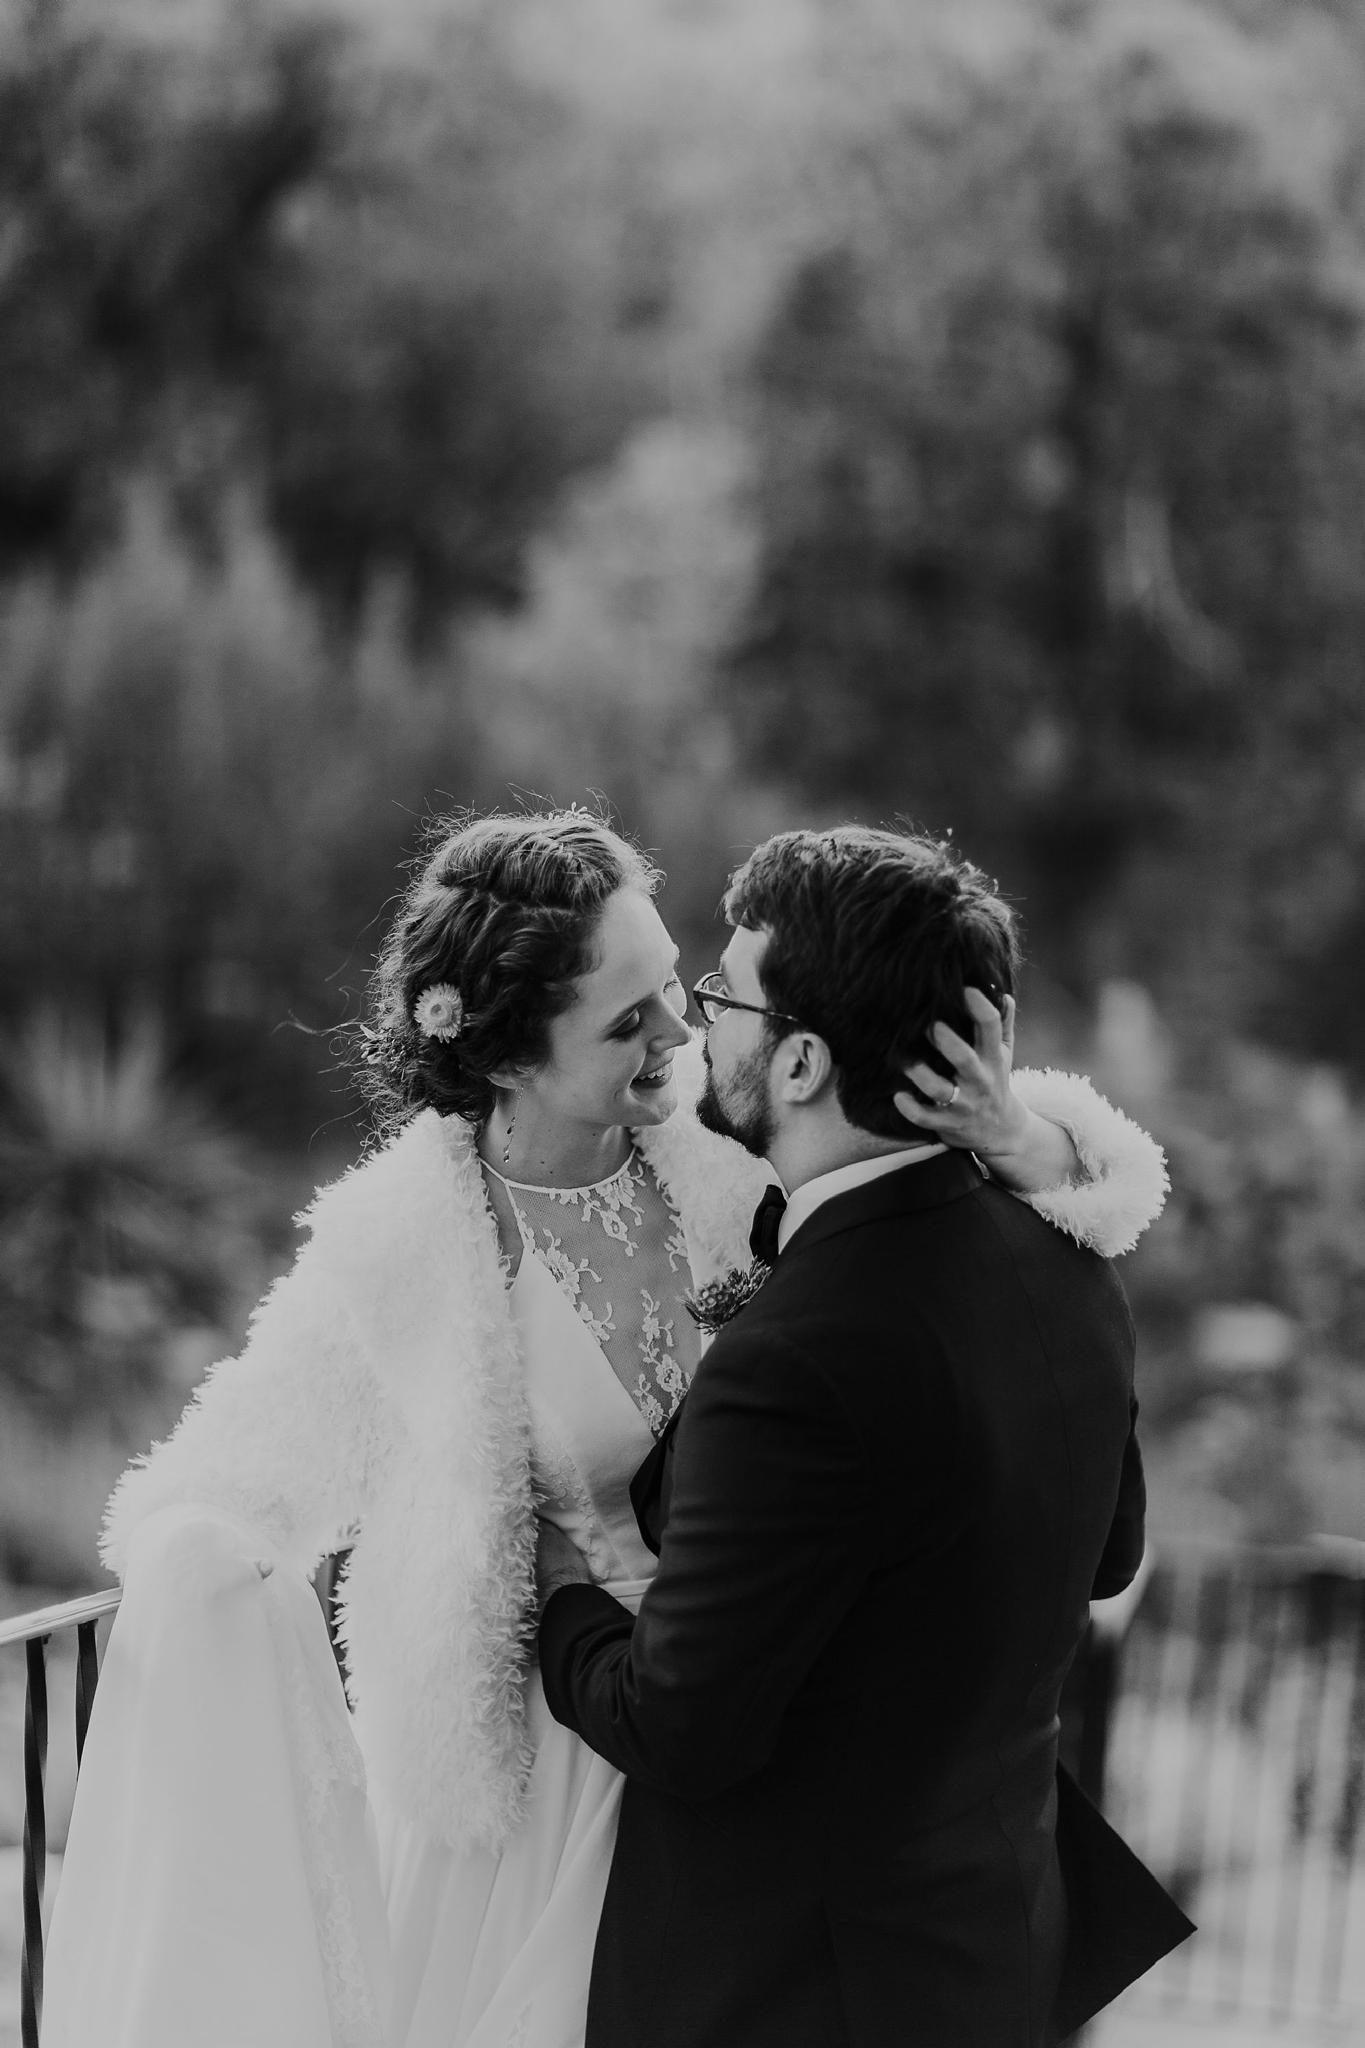 Alicia+lucia+photography+-+albuquerque+wedding+photographer+-+santa+fe+wedding+photography+-+new+mexico+wedding+photographer+-+new+mexico+wedding+-+albuquerque+wedding+-+santa+fe+wedding+-+wedding+romantics_0010.jpg